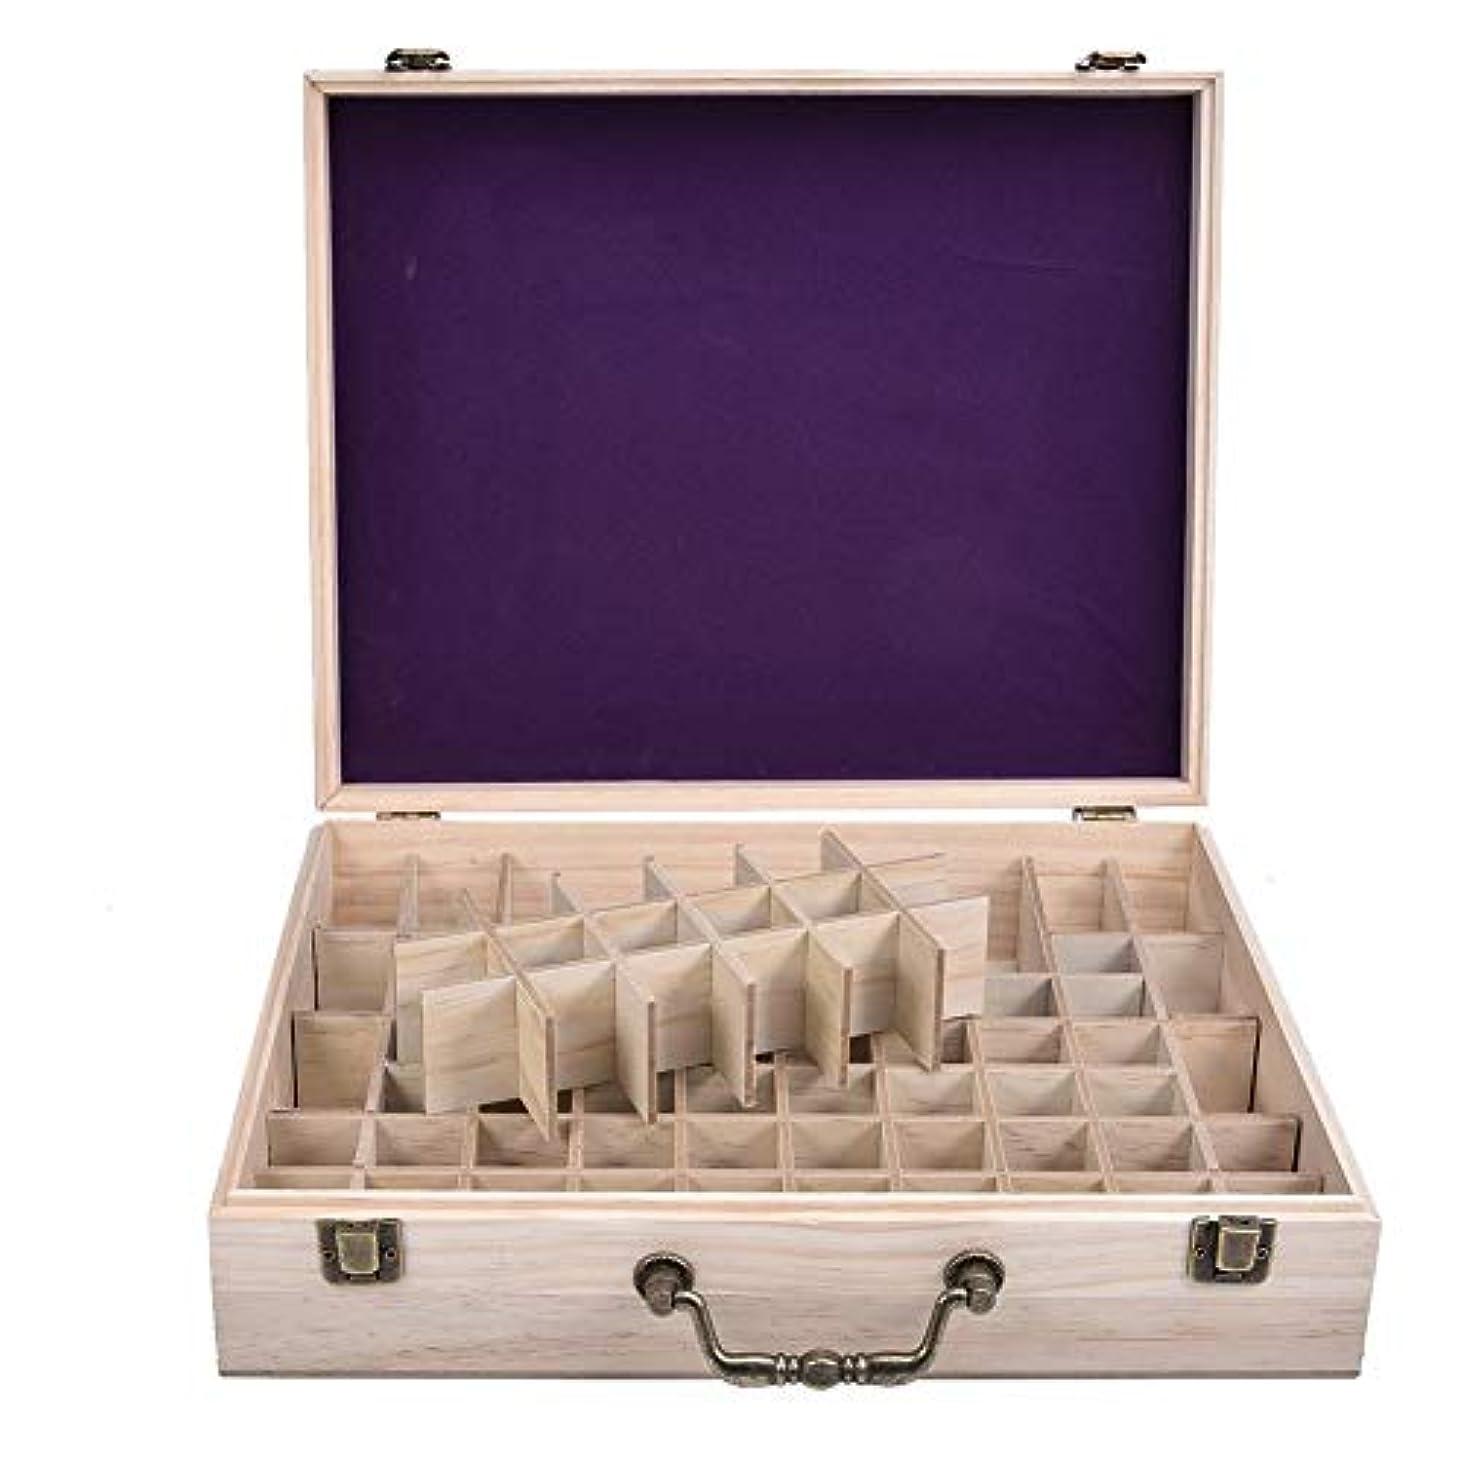 ペグフェッチフィドルエッセンシャルオイル収納ケース 精油収納ボックス 木製 72本収納可能 大容量 取り外し可能なグリッド 5ml?10ml?15ml?115mlの精油ボルトに対応 junexi